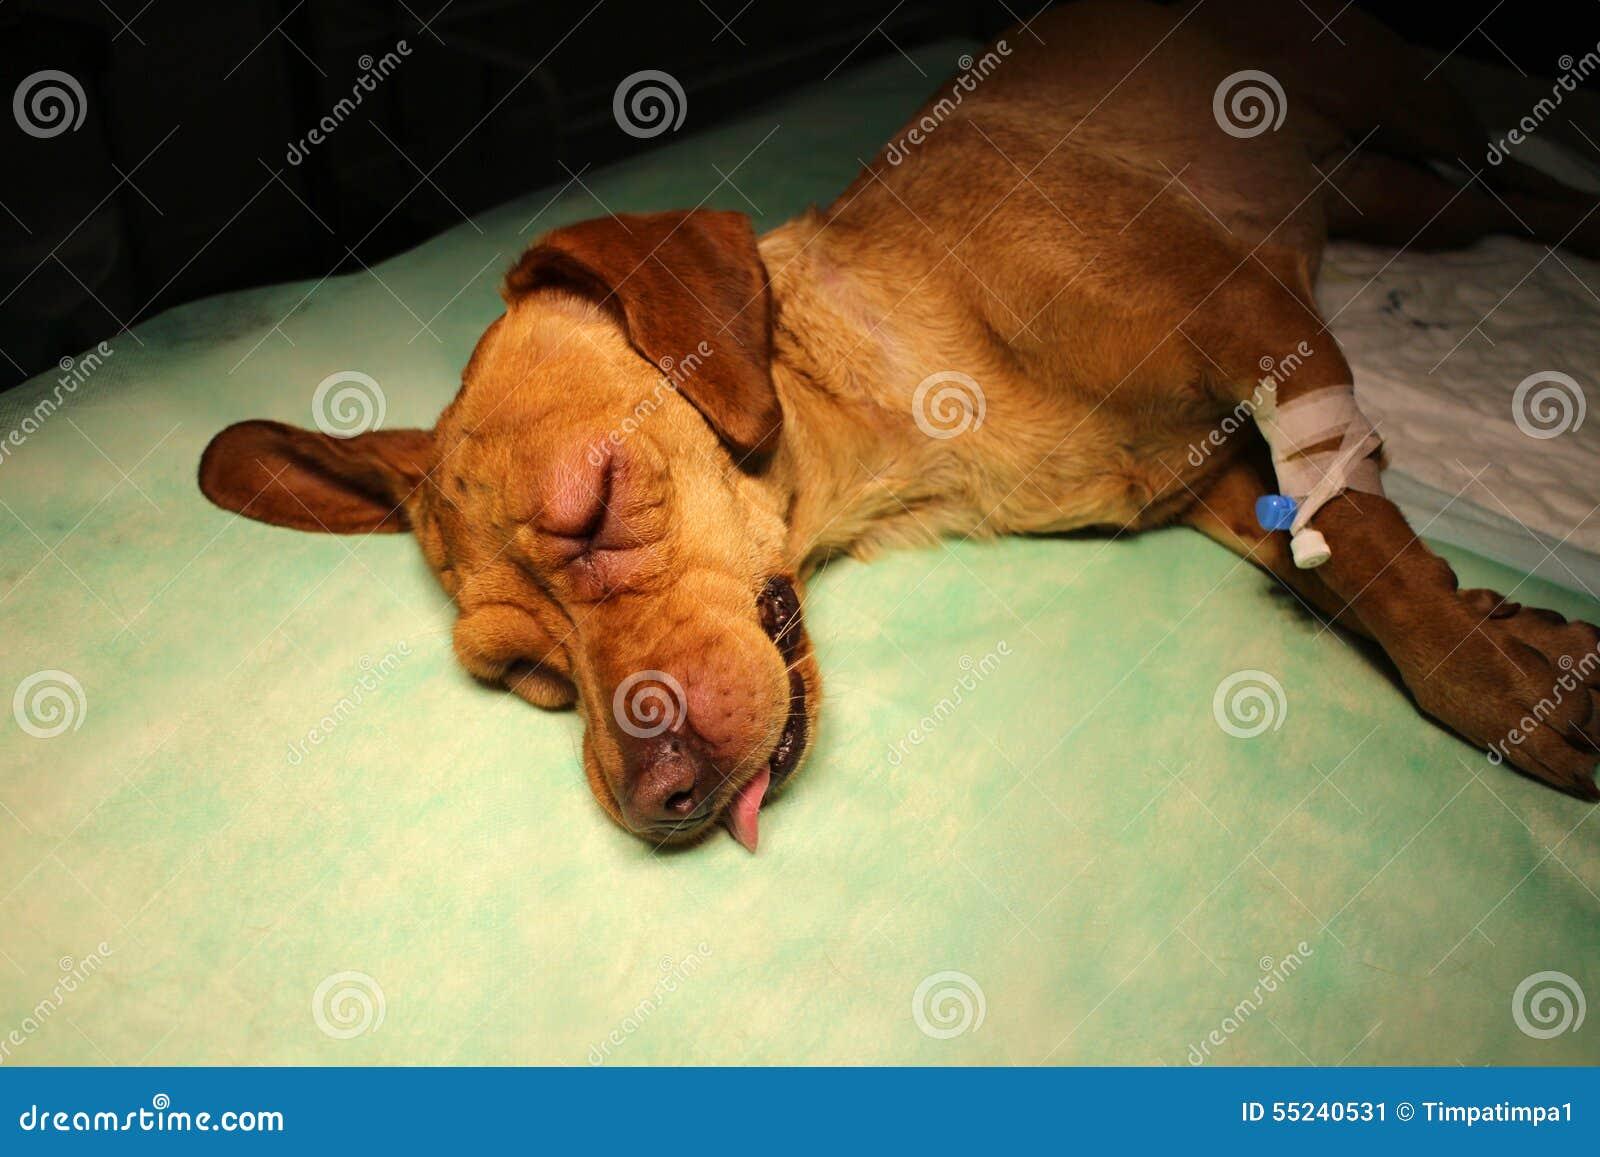 膨胀眼皮和注射器在肢体由vizsla狗